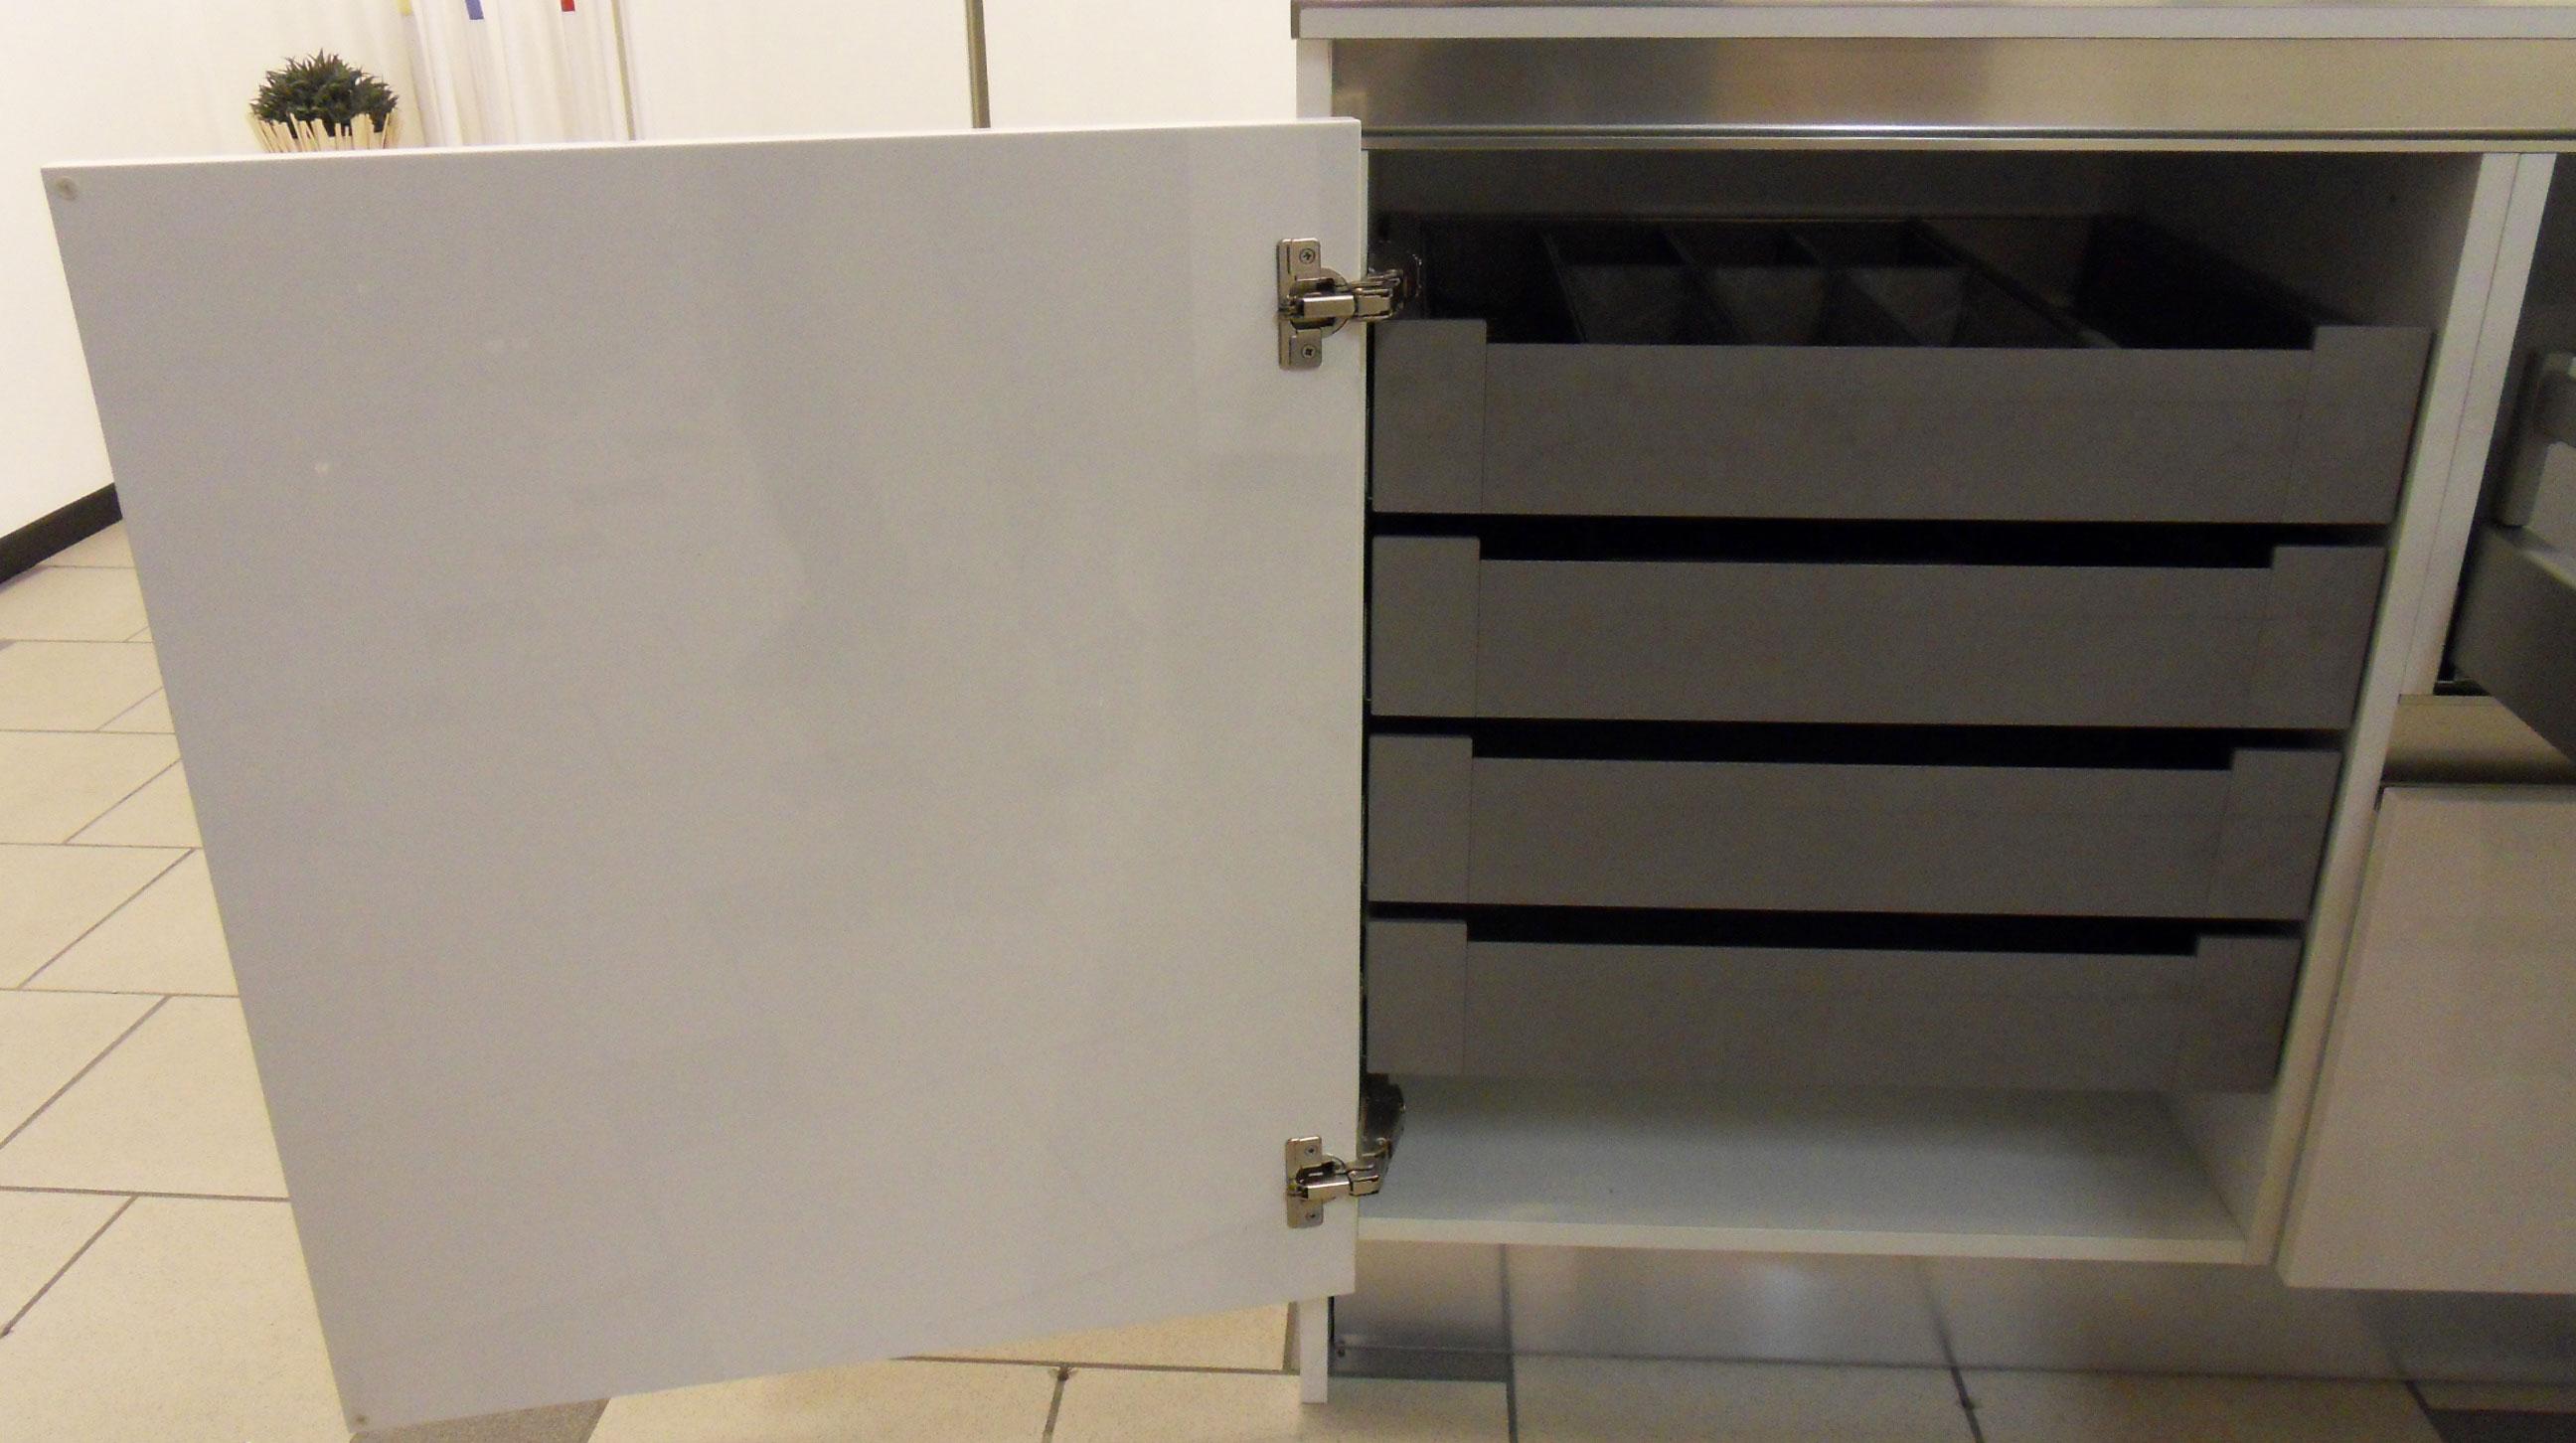 Mobili per cucina con cassetti design casa creativa e - Mobile con cassetti per cucina ...